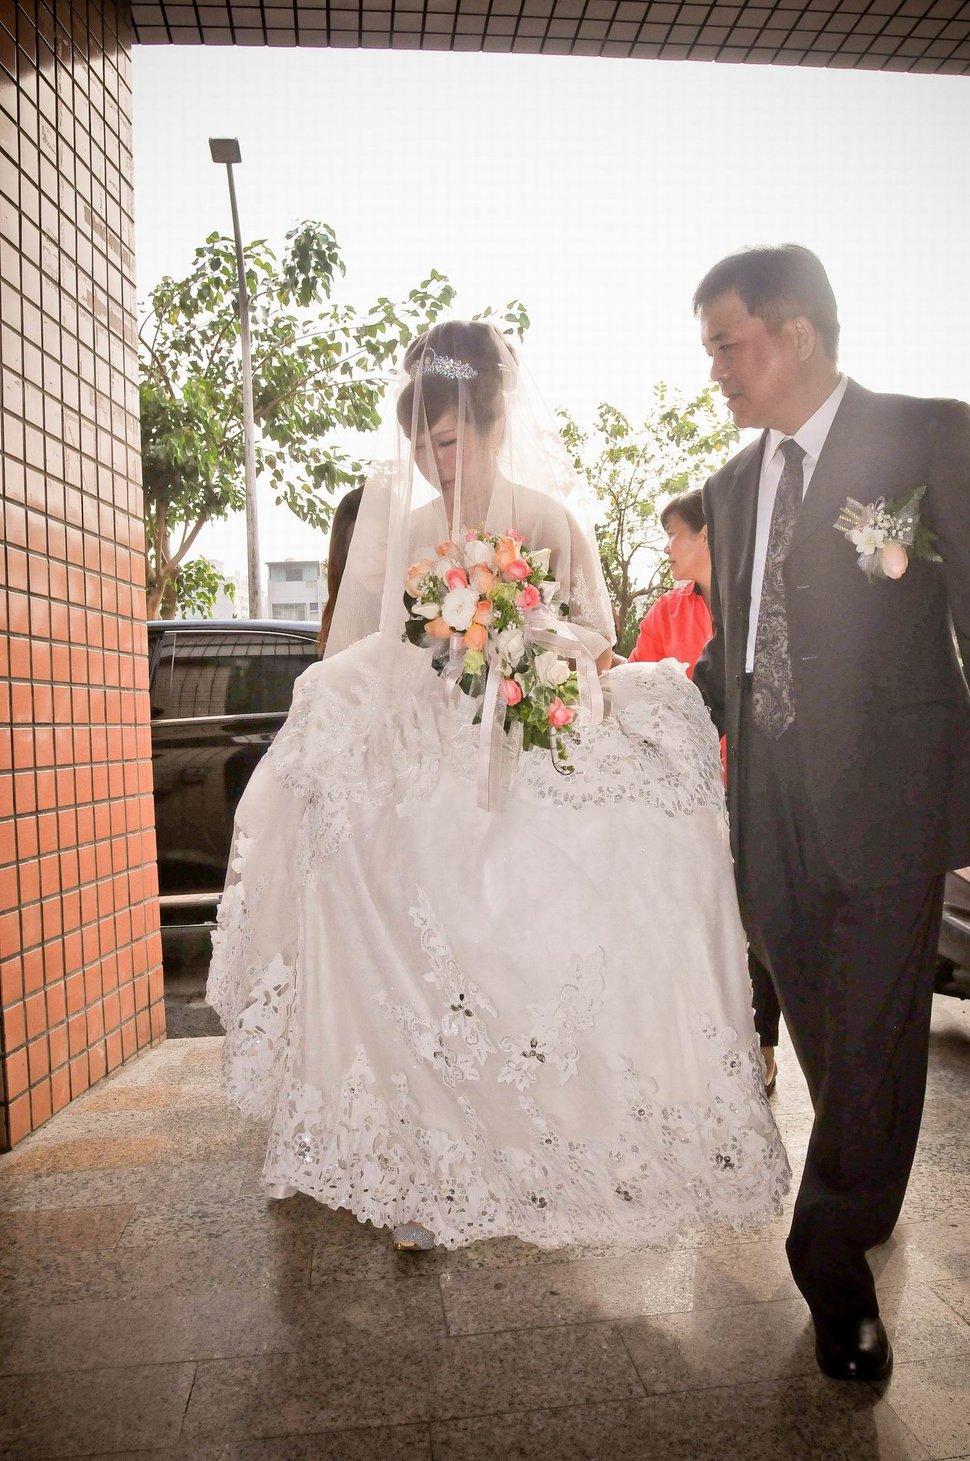 專業婚攝婚禮紀錄婚禮紀錄專業錄影婚禮錄影婚禮記錄動態微電影錄影專業錄影平面攝影婚攝婚禮主持人(編號:280456) - 蜜月拍照10800錄影12800攝影團隊 - 結婚吧